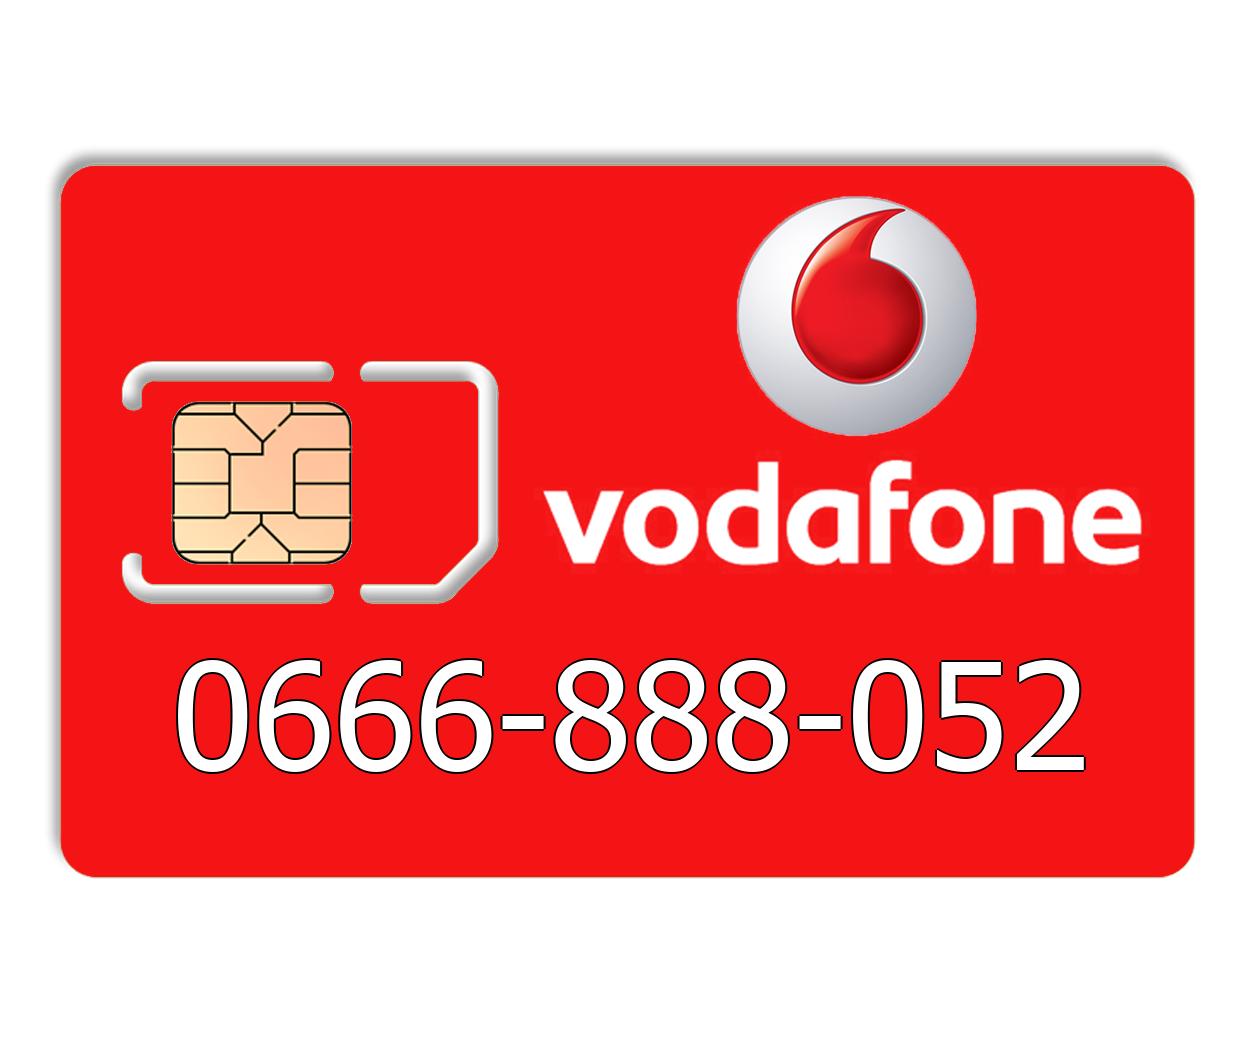 Красивый номер Vodafone 0666-888-052